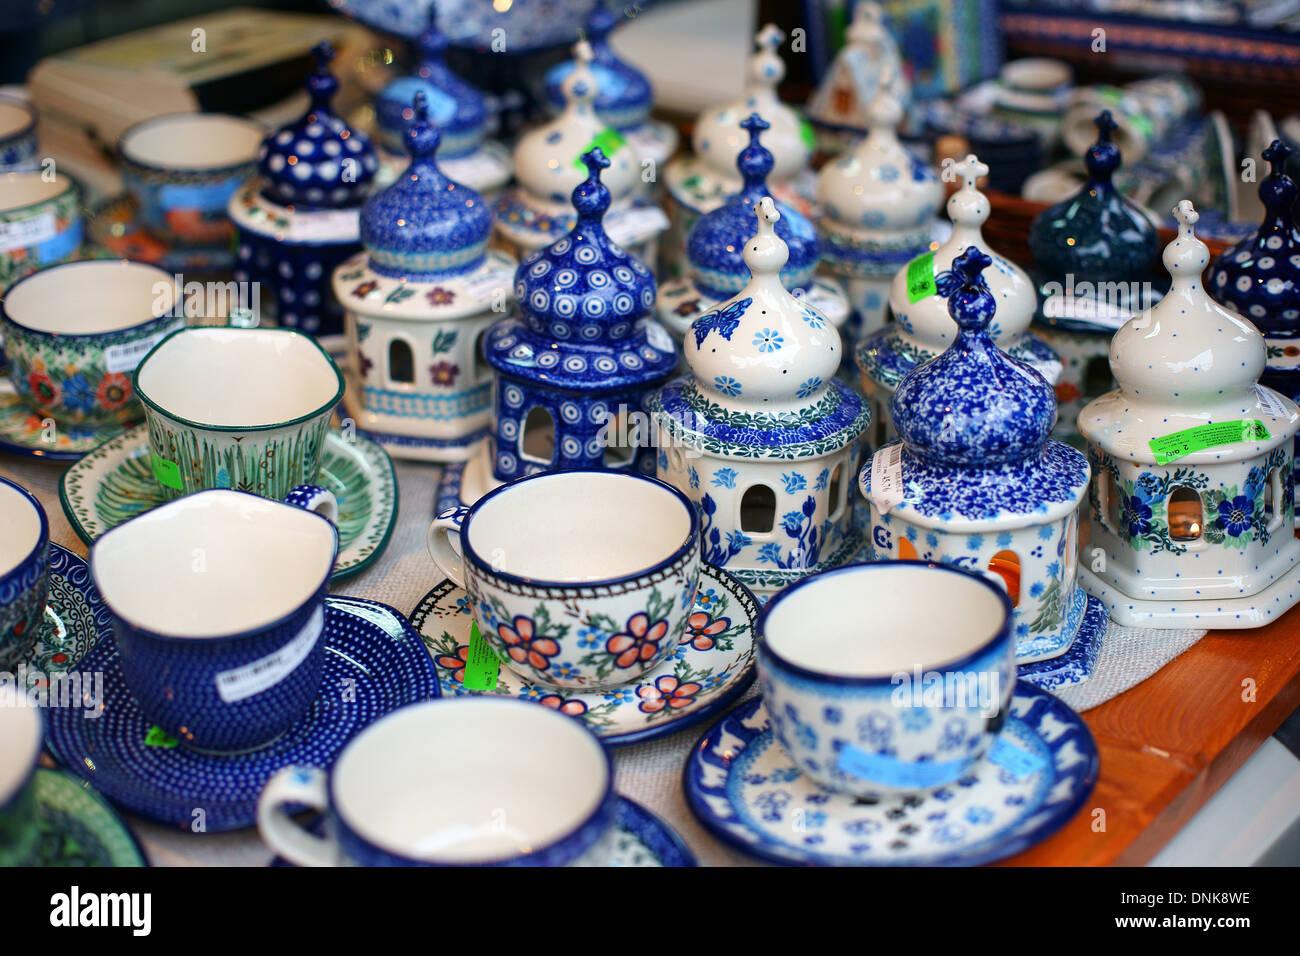 Steingut Keramik bunte keramik keramik steingut aus boleslawiec polen bunzlauer